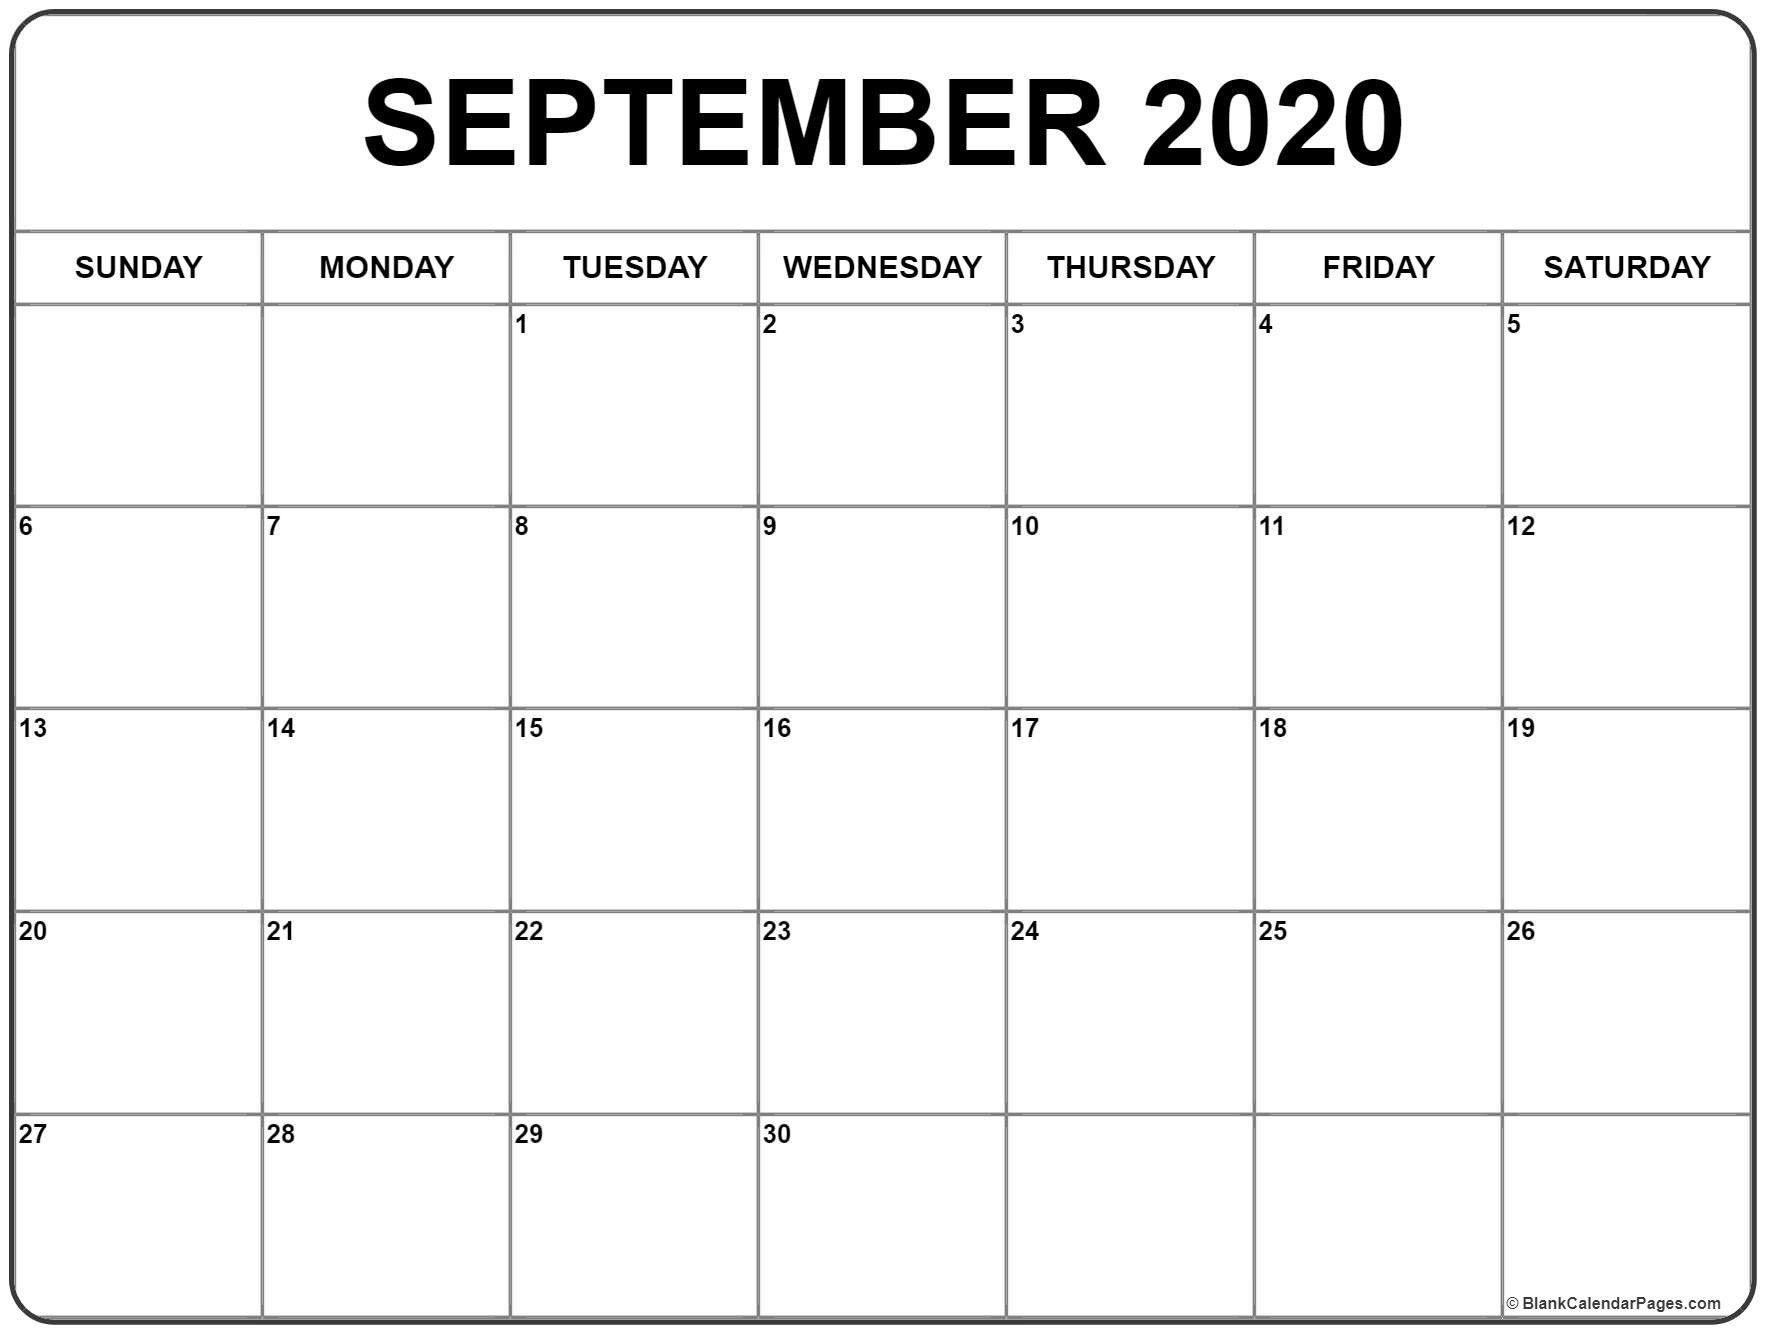 September 2020 Calendar 51 Calendar Templates Of 2020-Monday Through Friday September Calendar Template 2020